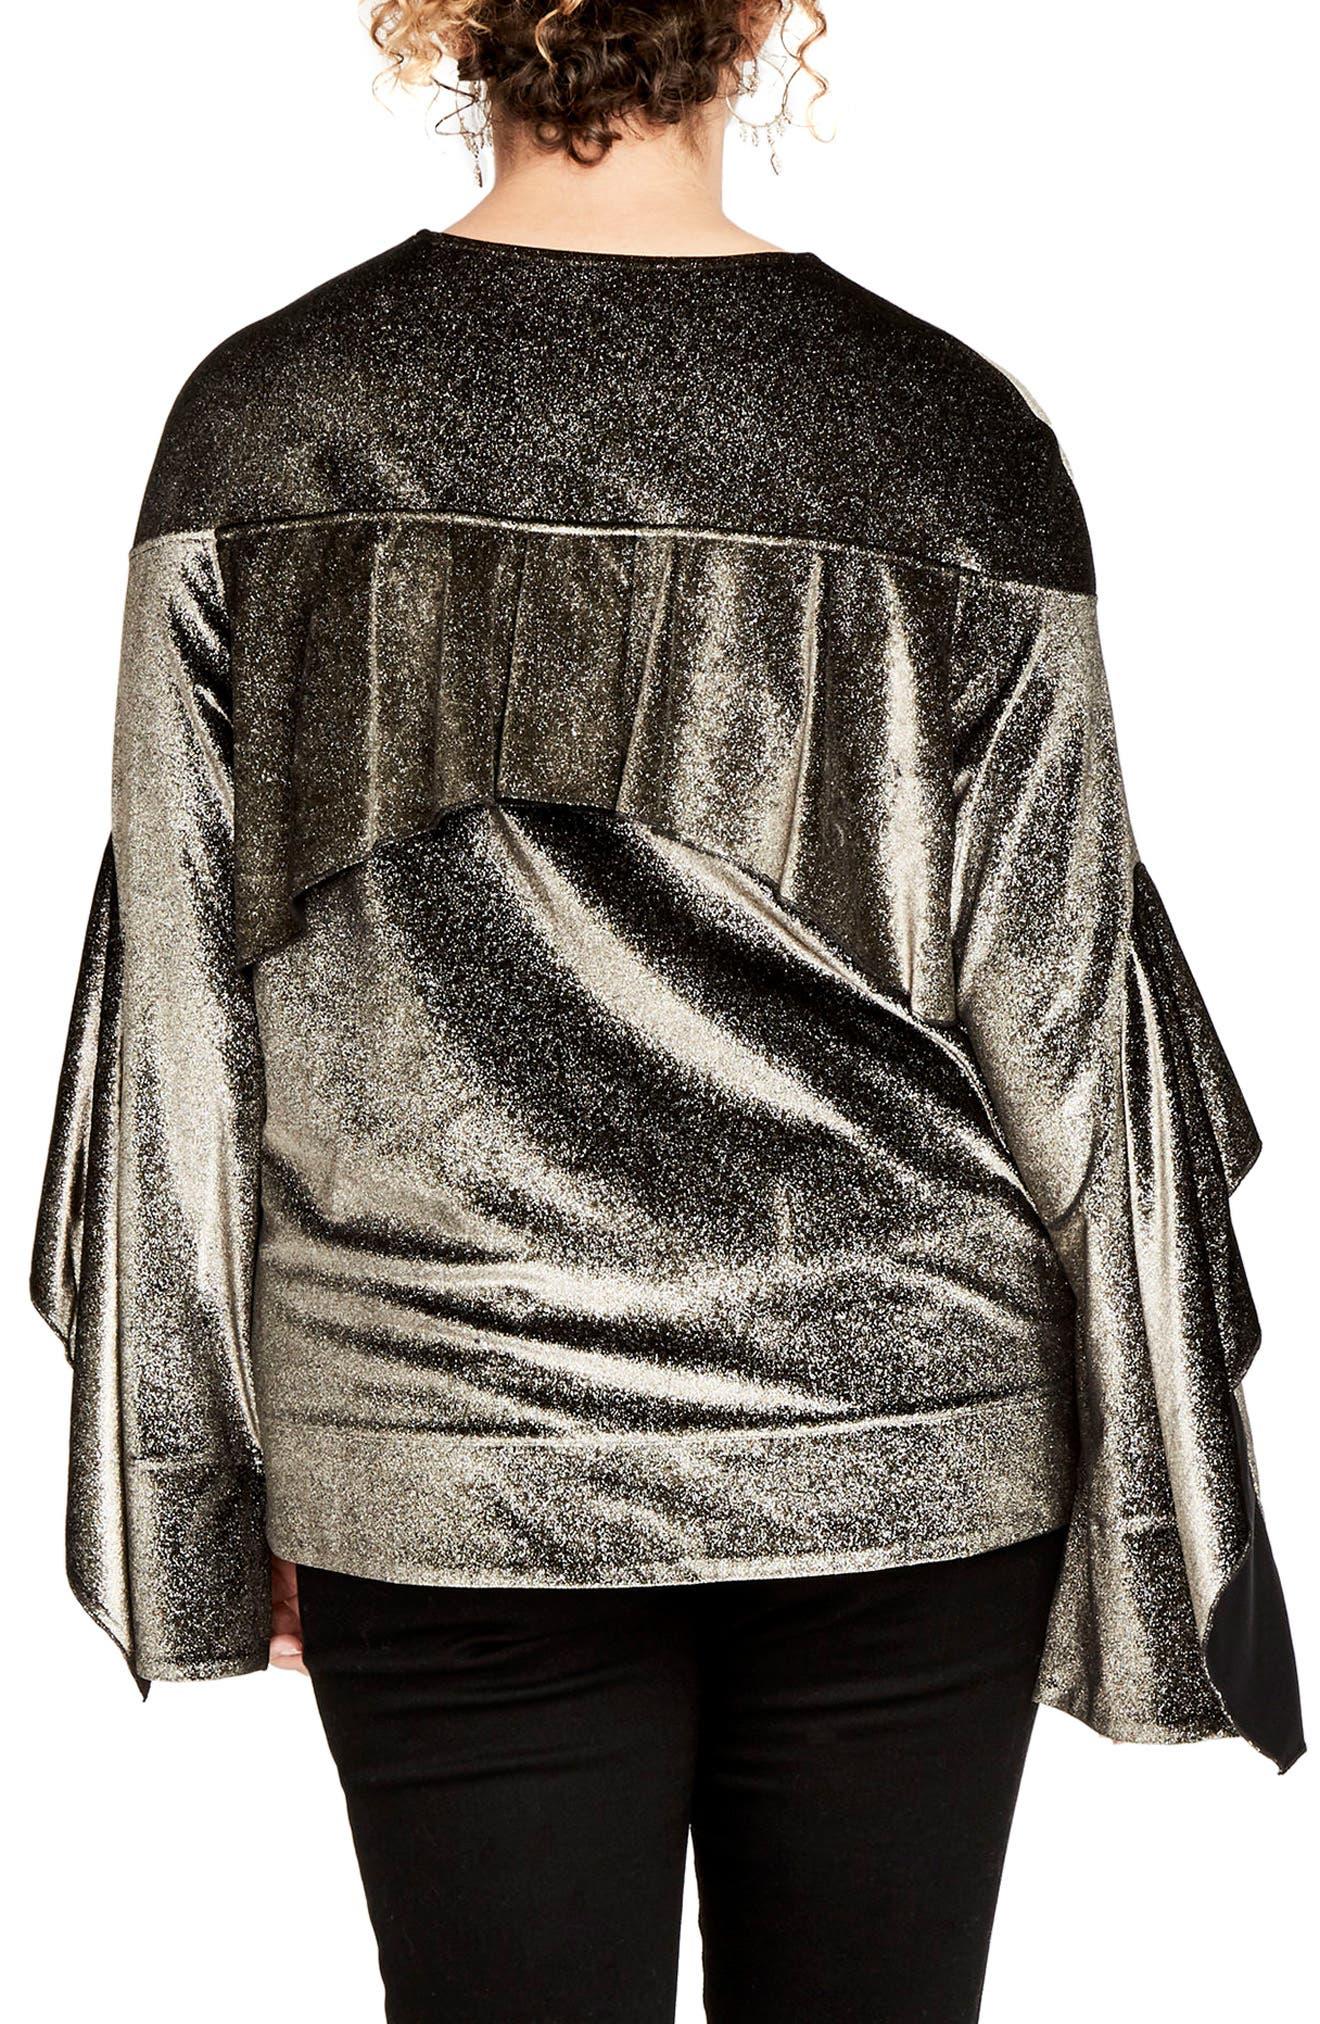 Alternate Image 3  - RACHEL Rachel Roy Ruffle Sleeve Metallic Sweatshirt (Plus Size)